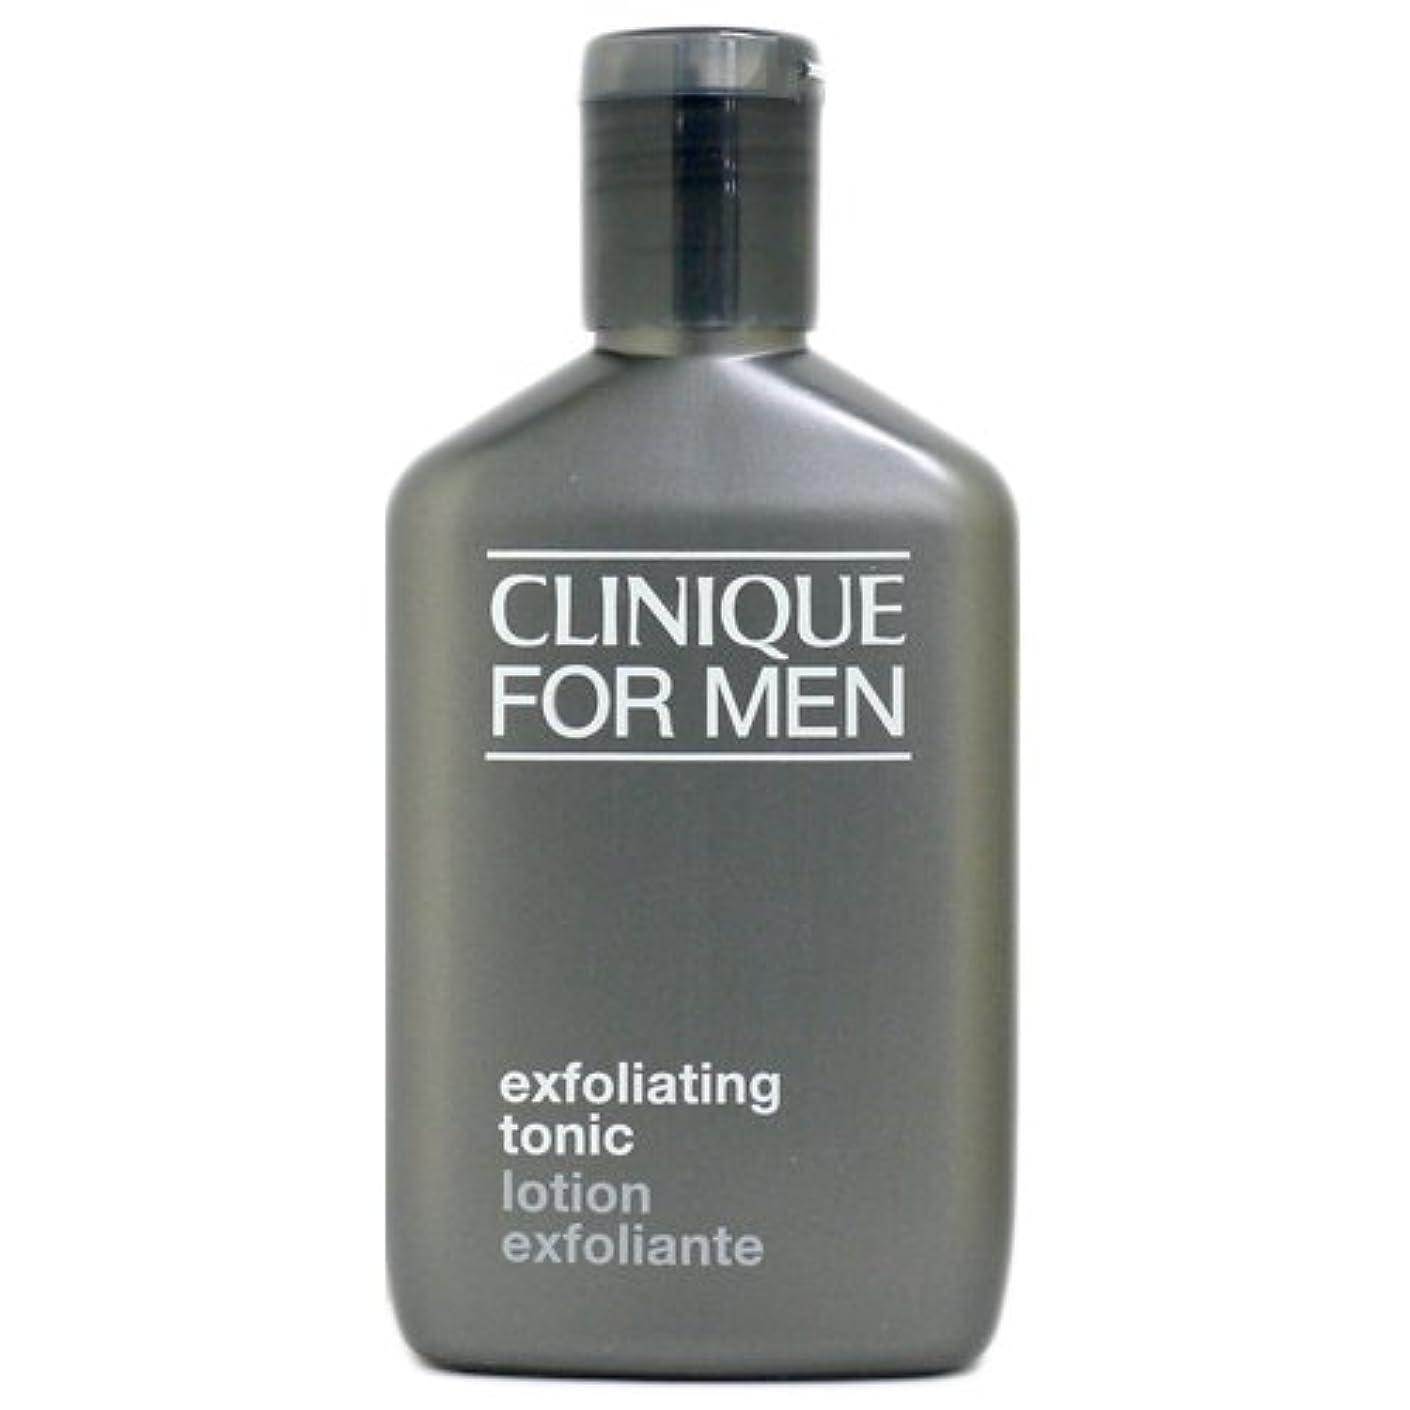 診療所アイスクリームヘルシークリニークフォーメン(CLINIQUE FOR MEN) エクスフォリエーティング トニック 200ml[並行輸入品]